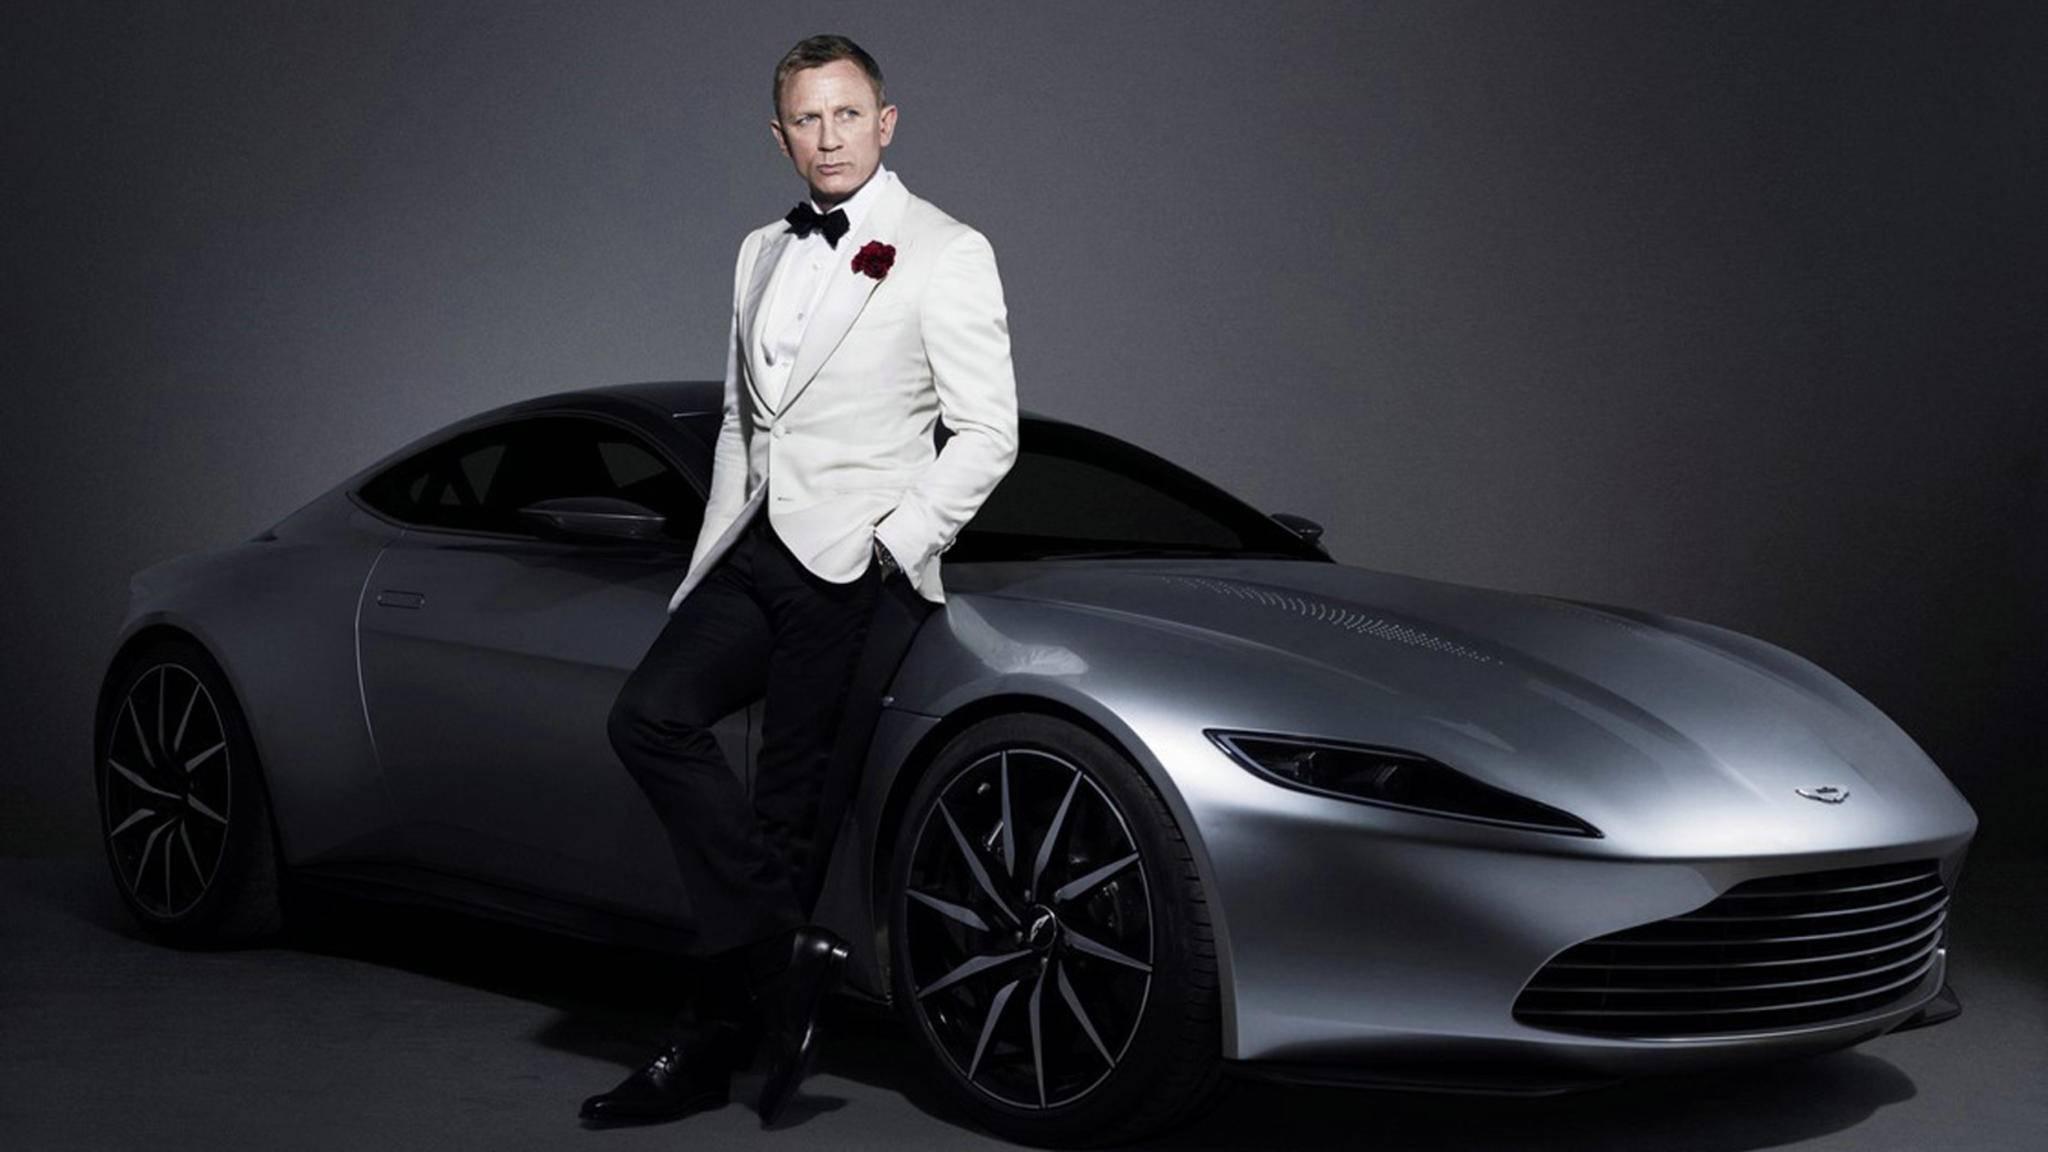 """2019 soll """"Bond 25"""" starten – vermutlich mit Daniel Craig in der Hauptrolle."""